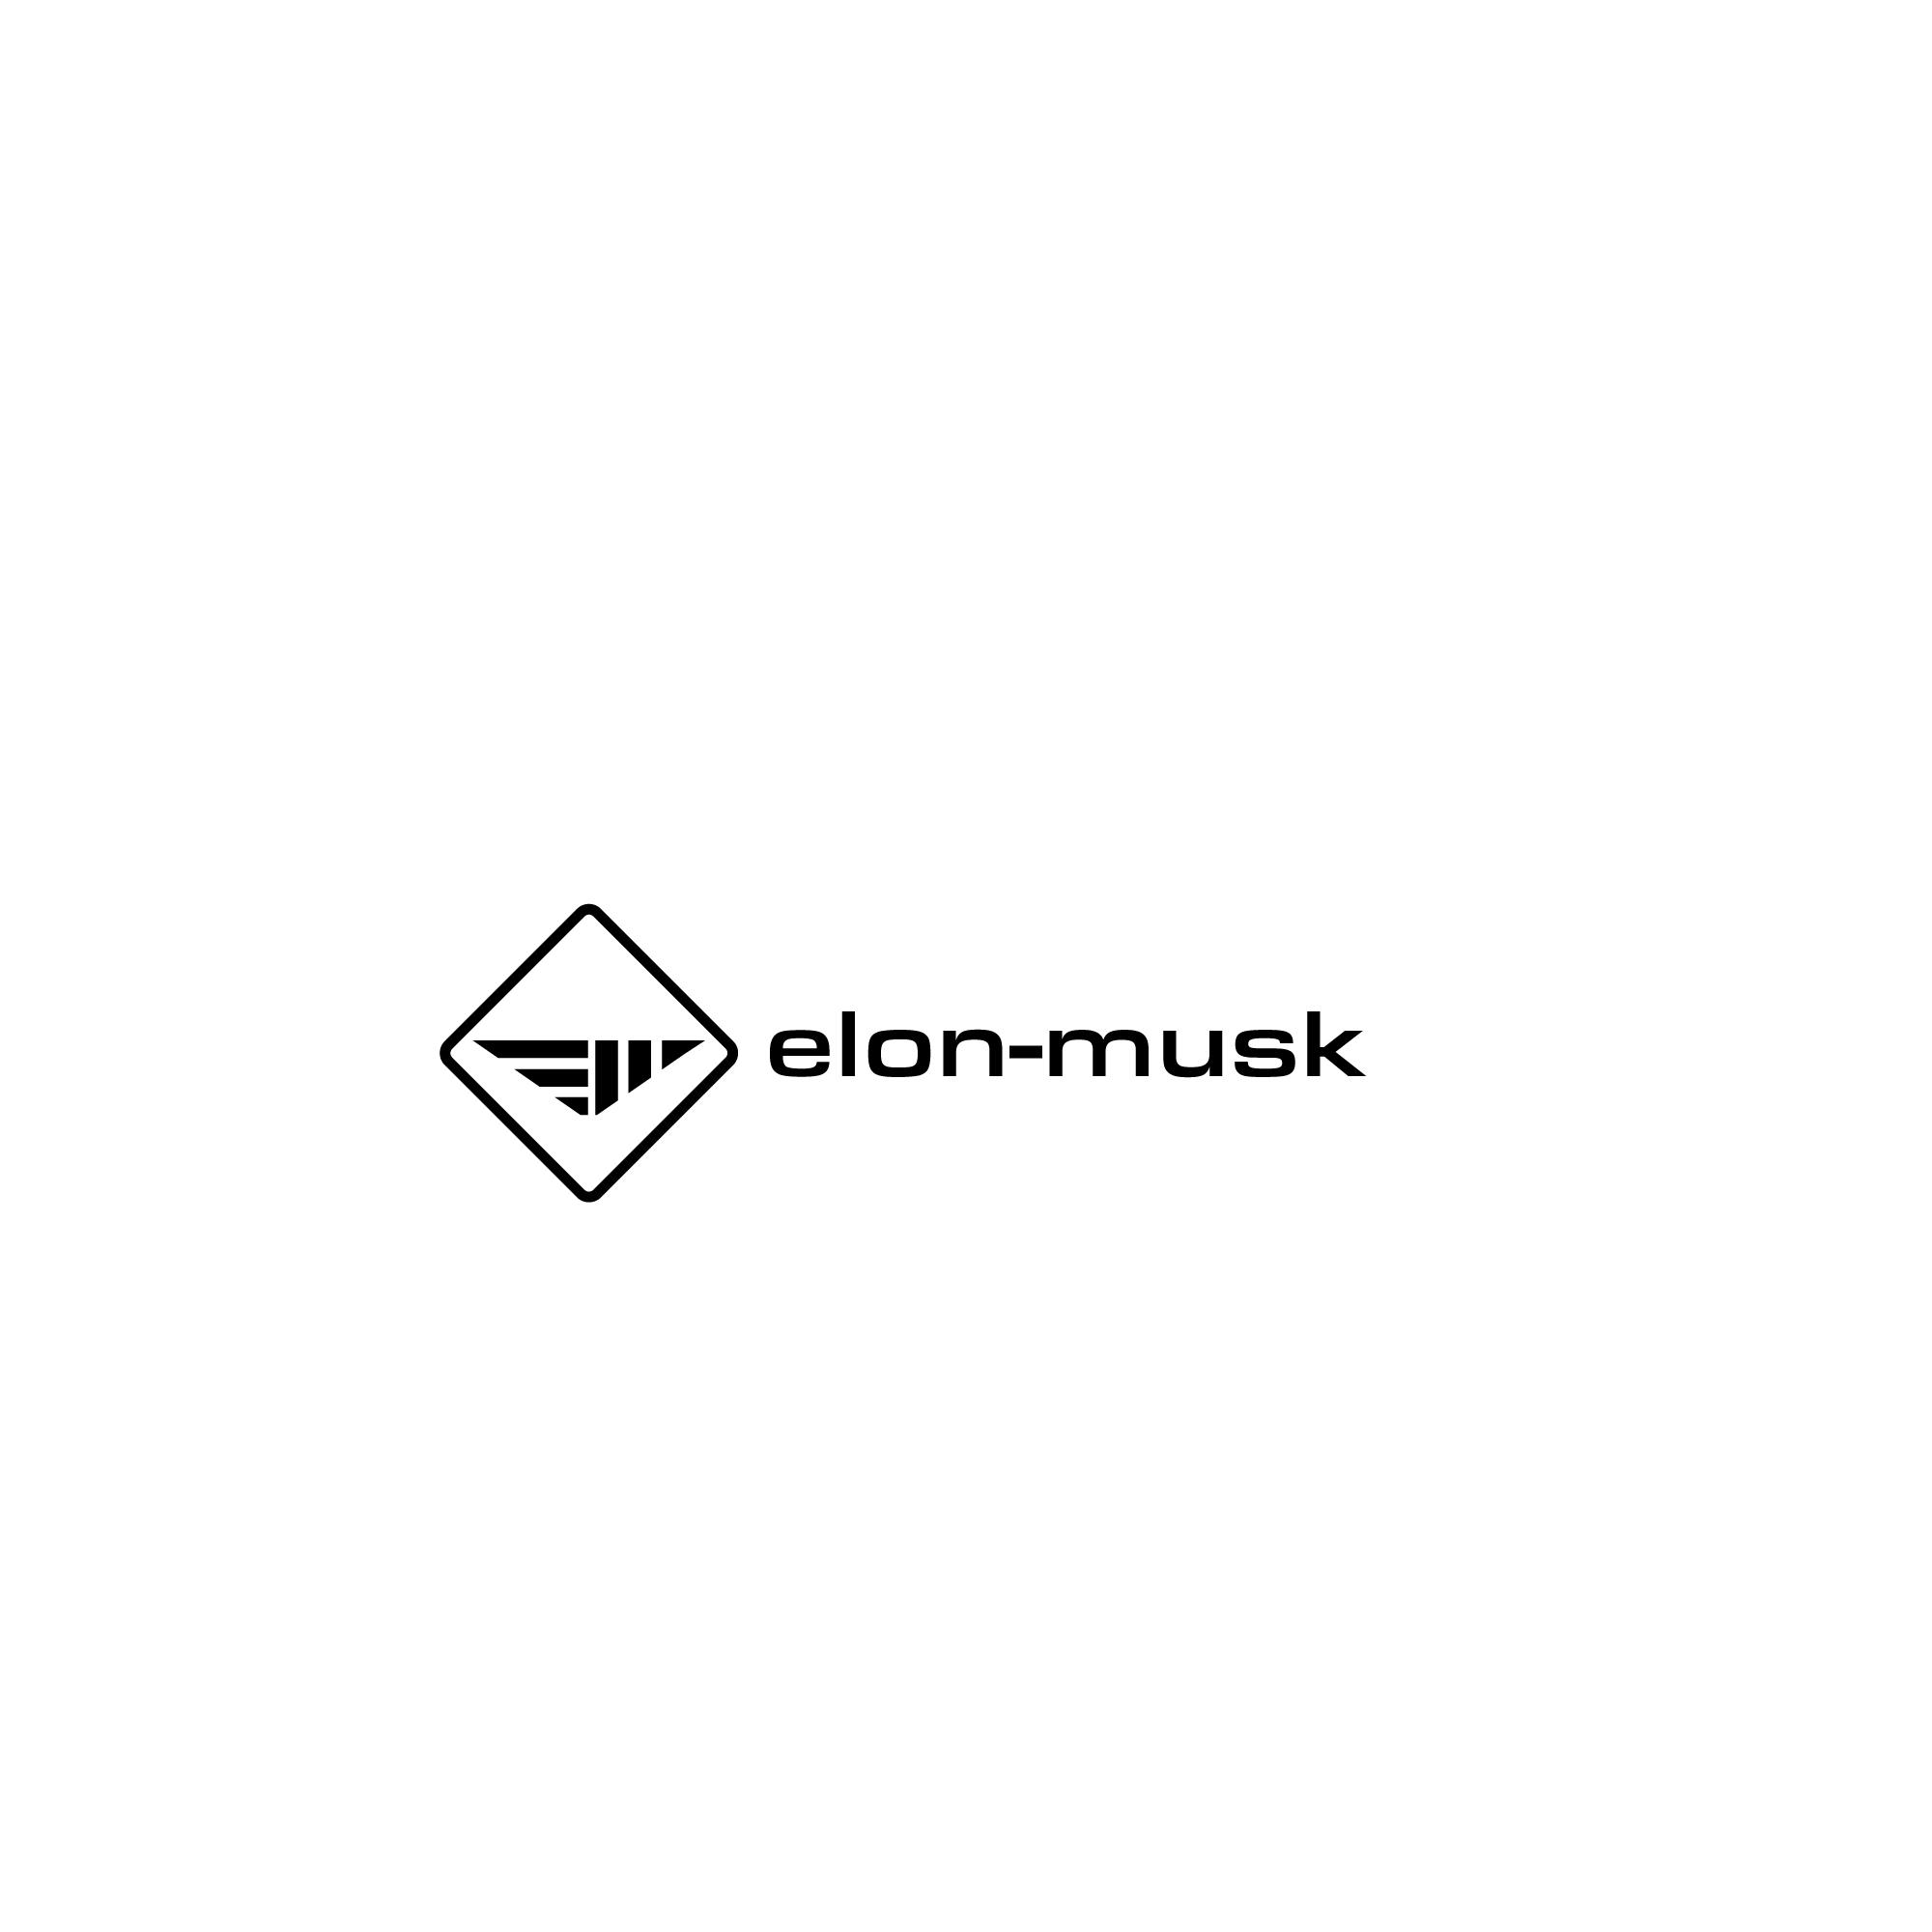 Логотип для новостного сайта  фото f_1725b7213704af47.jpg